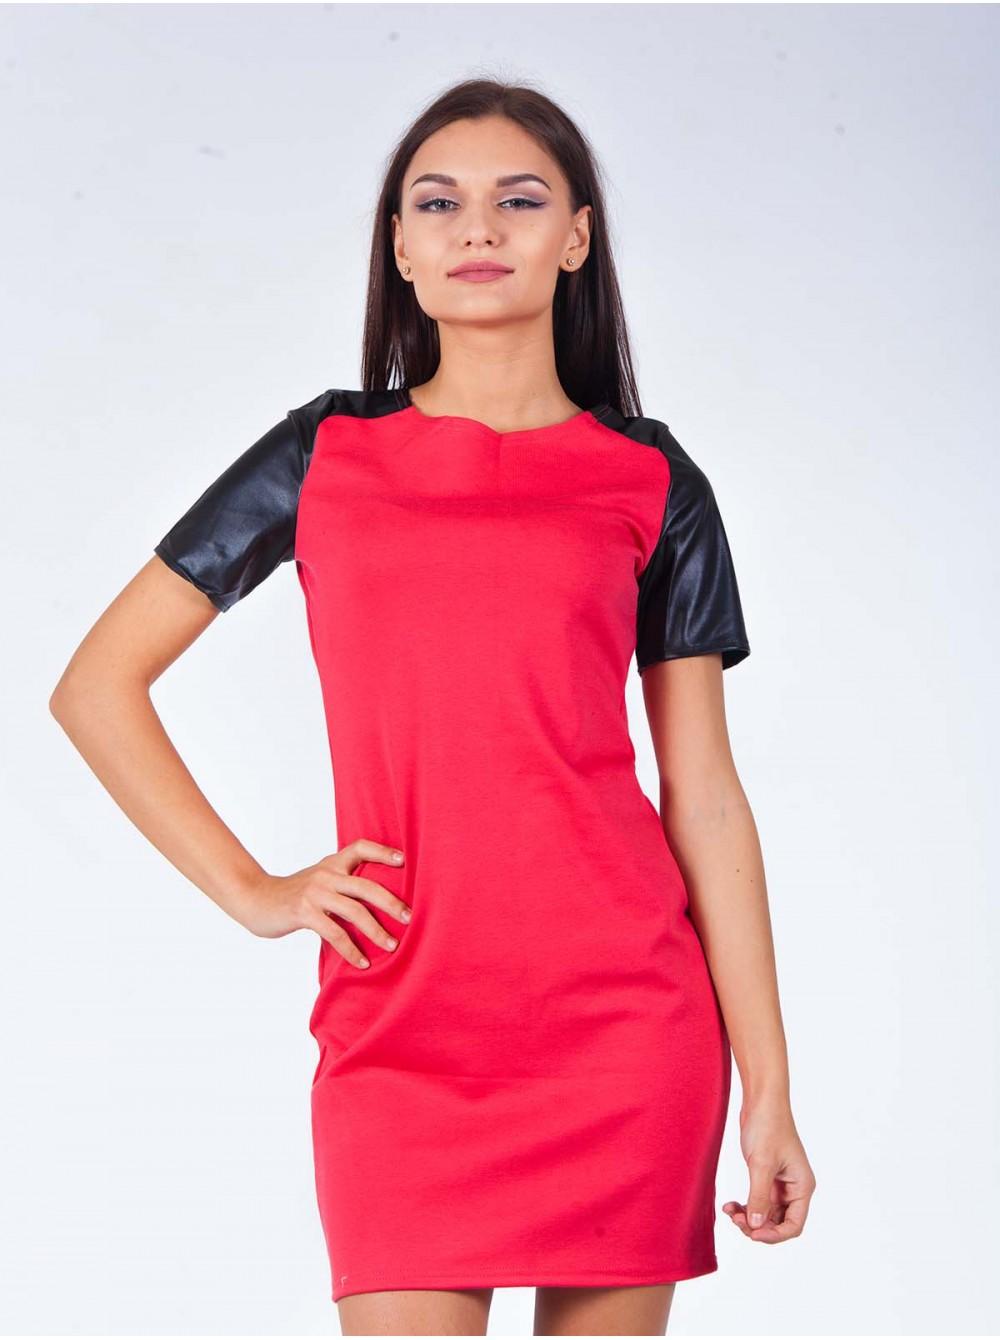 c03005b9aec Платье весеннее Margaret купить по ценам производителя